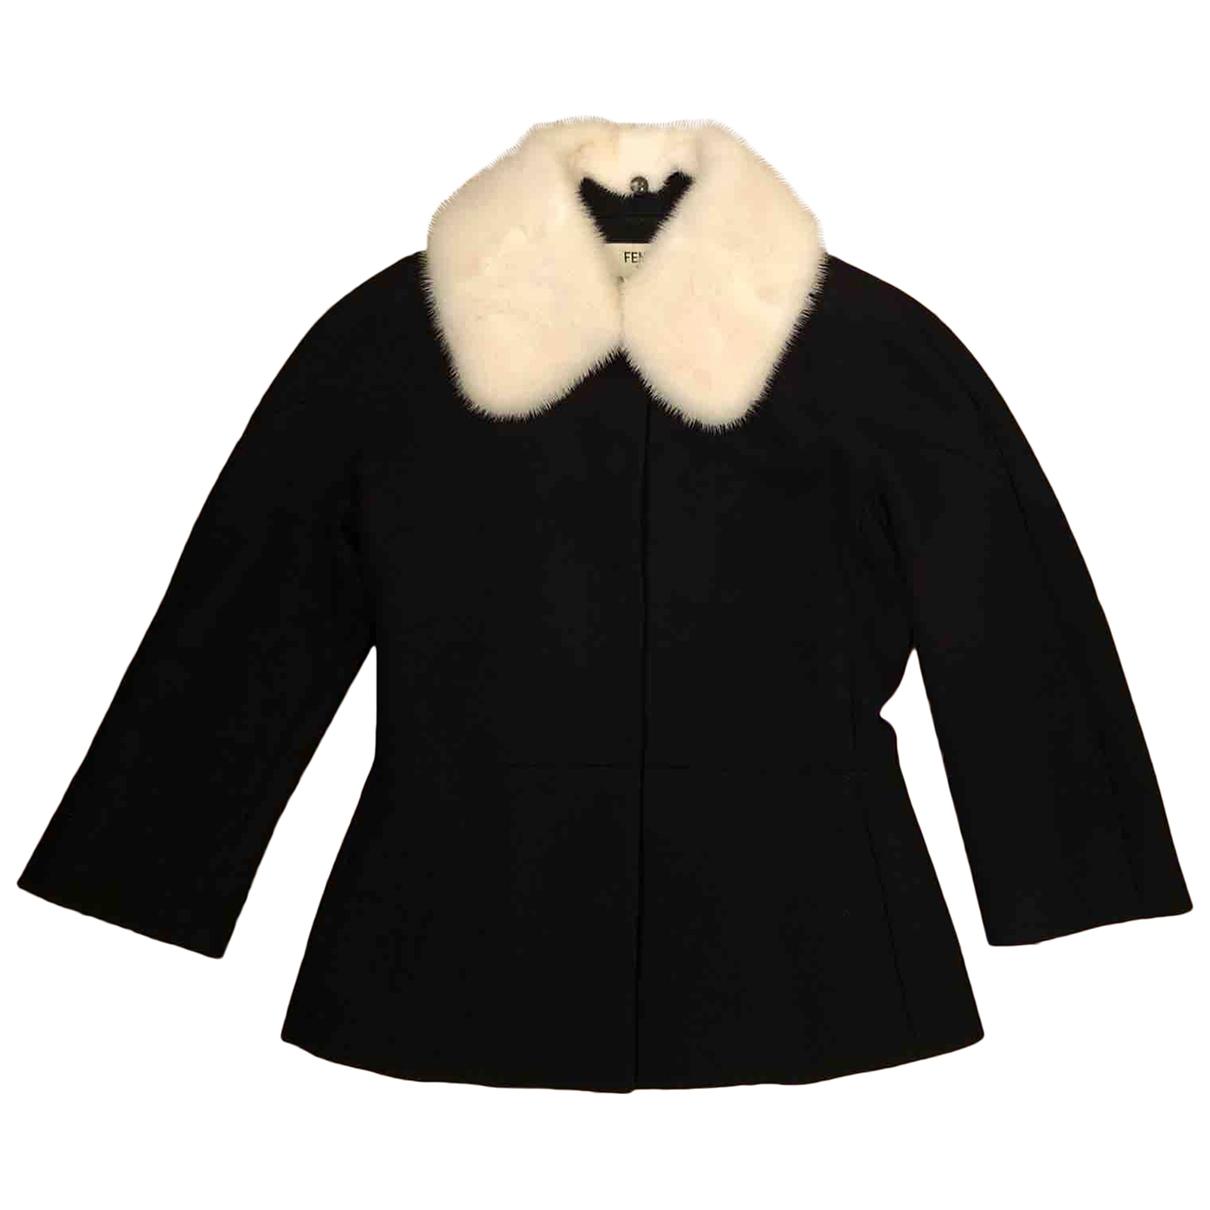 Fendi \N Black Cotton jacket for Women 38 IT